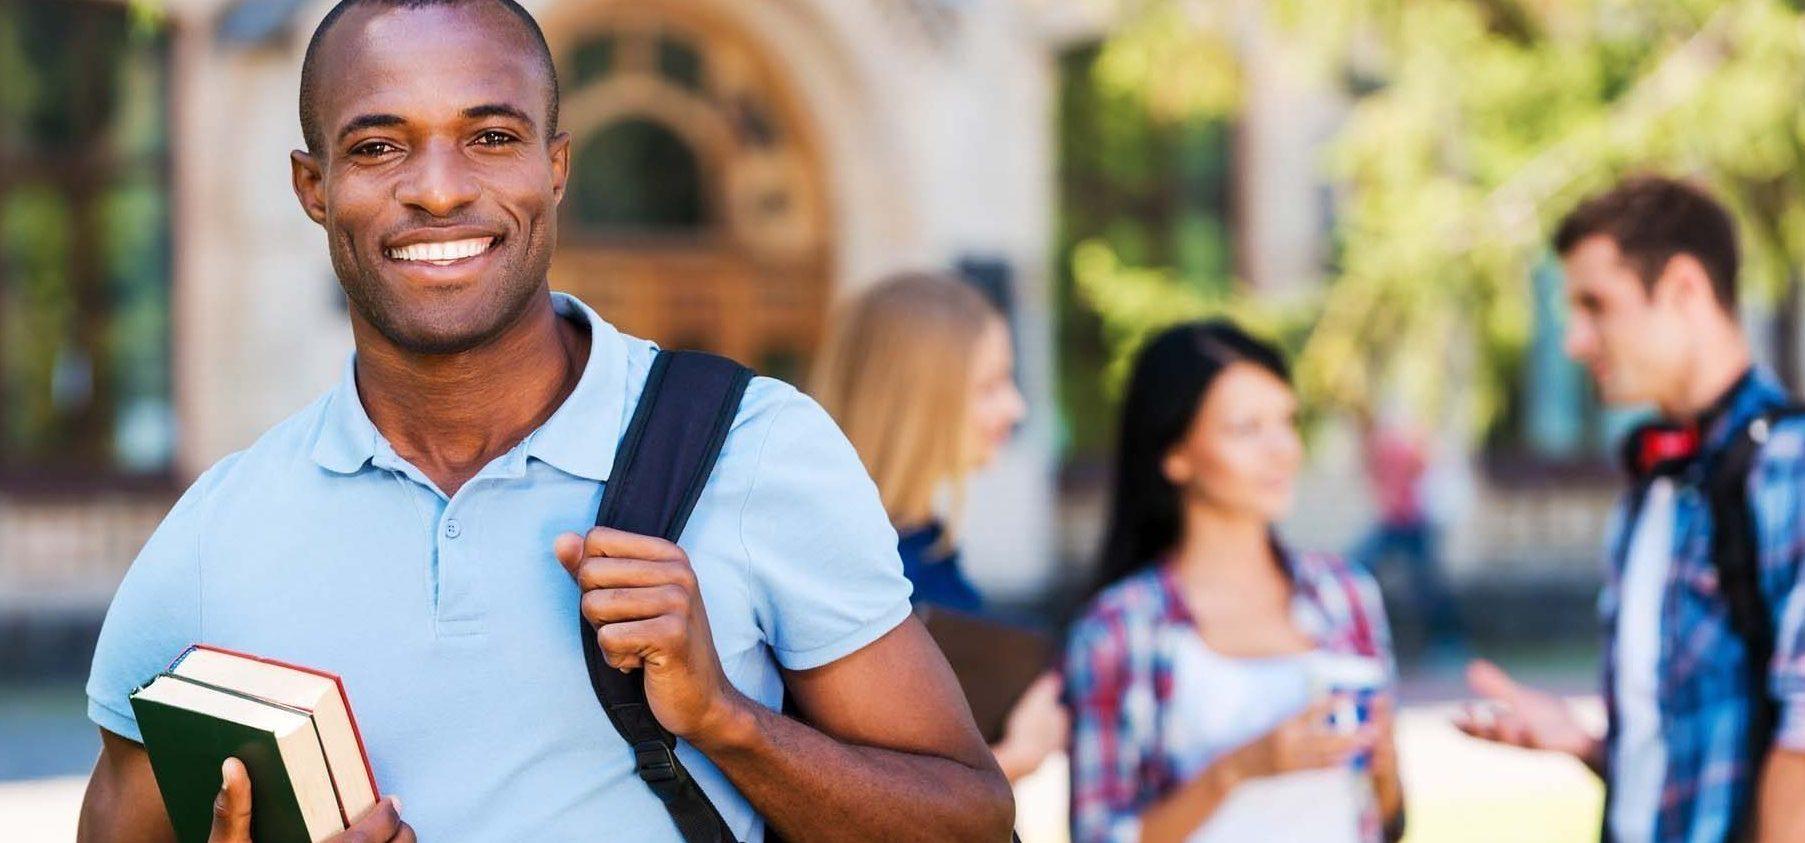 Student enjoying University Life.